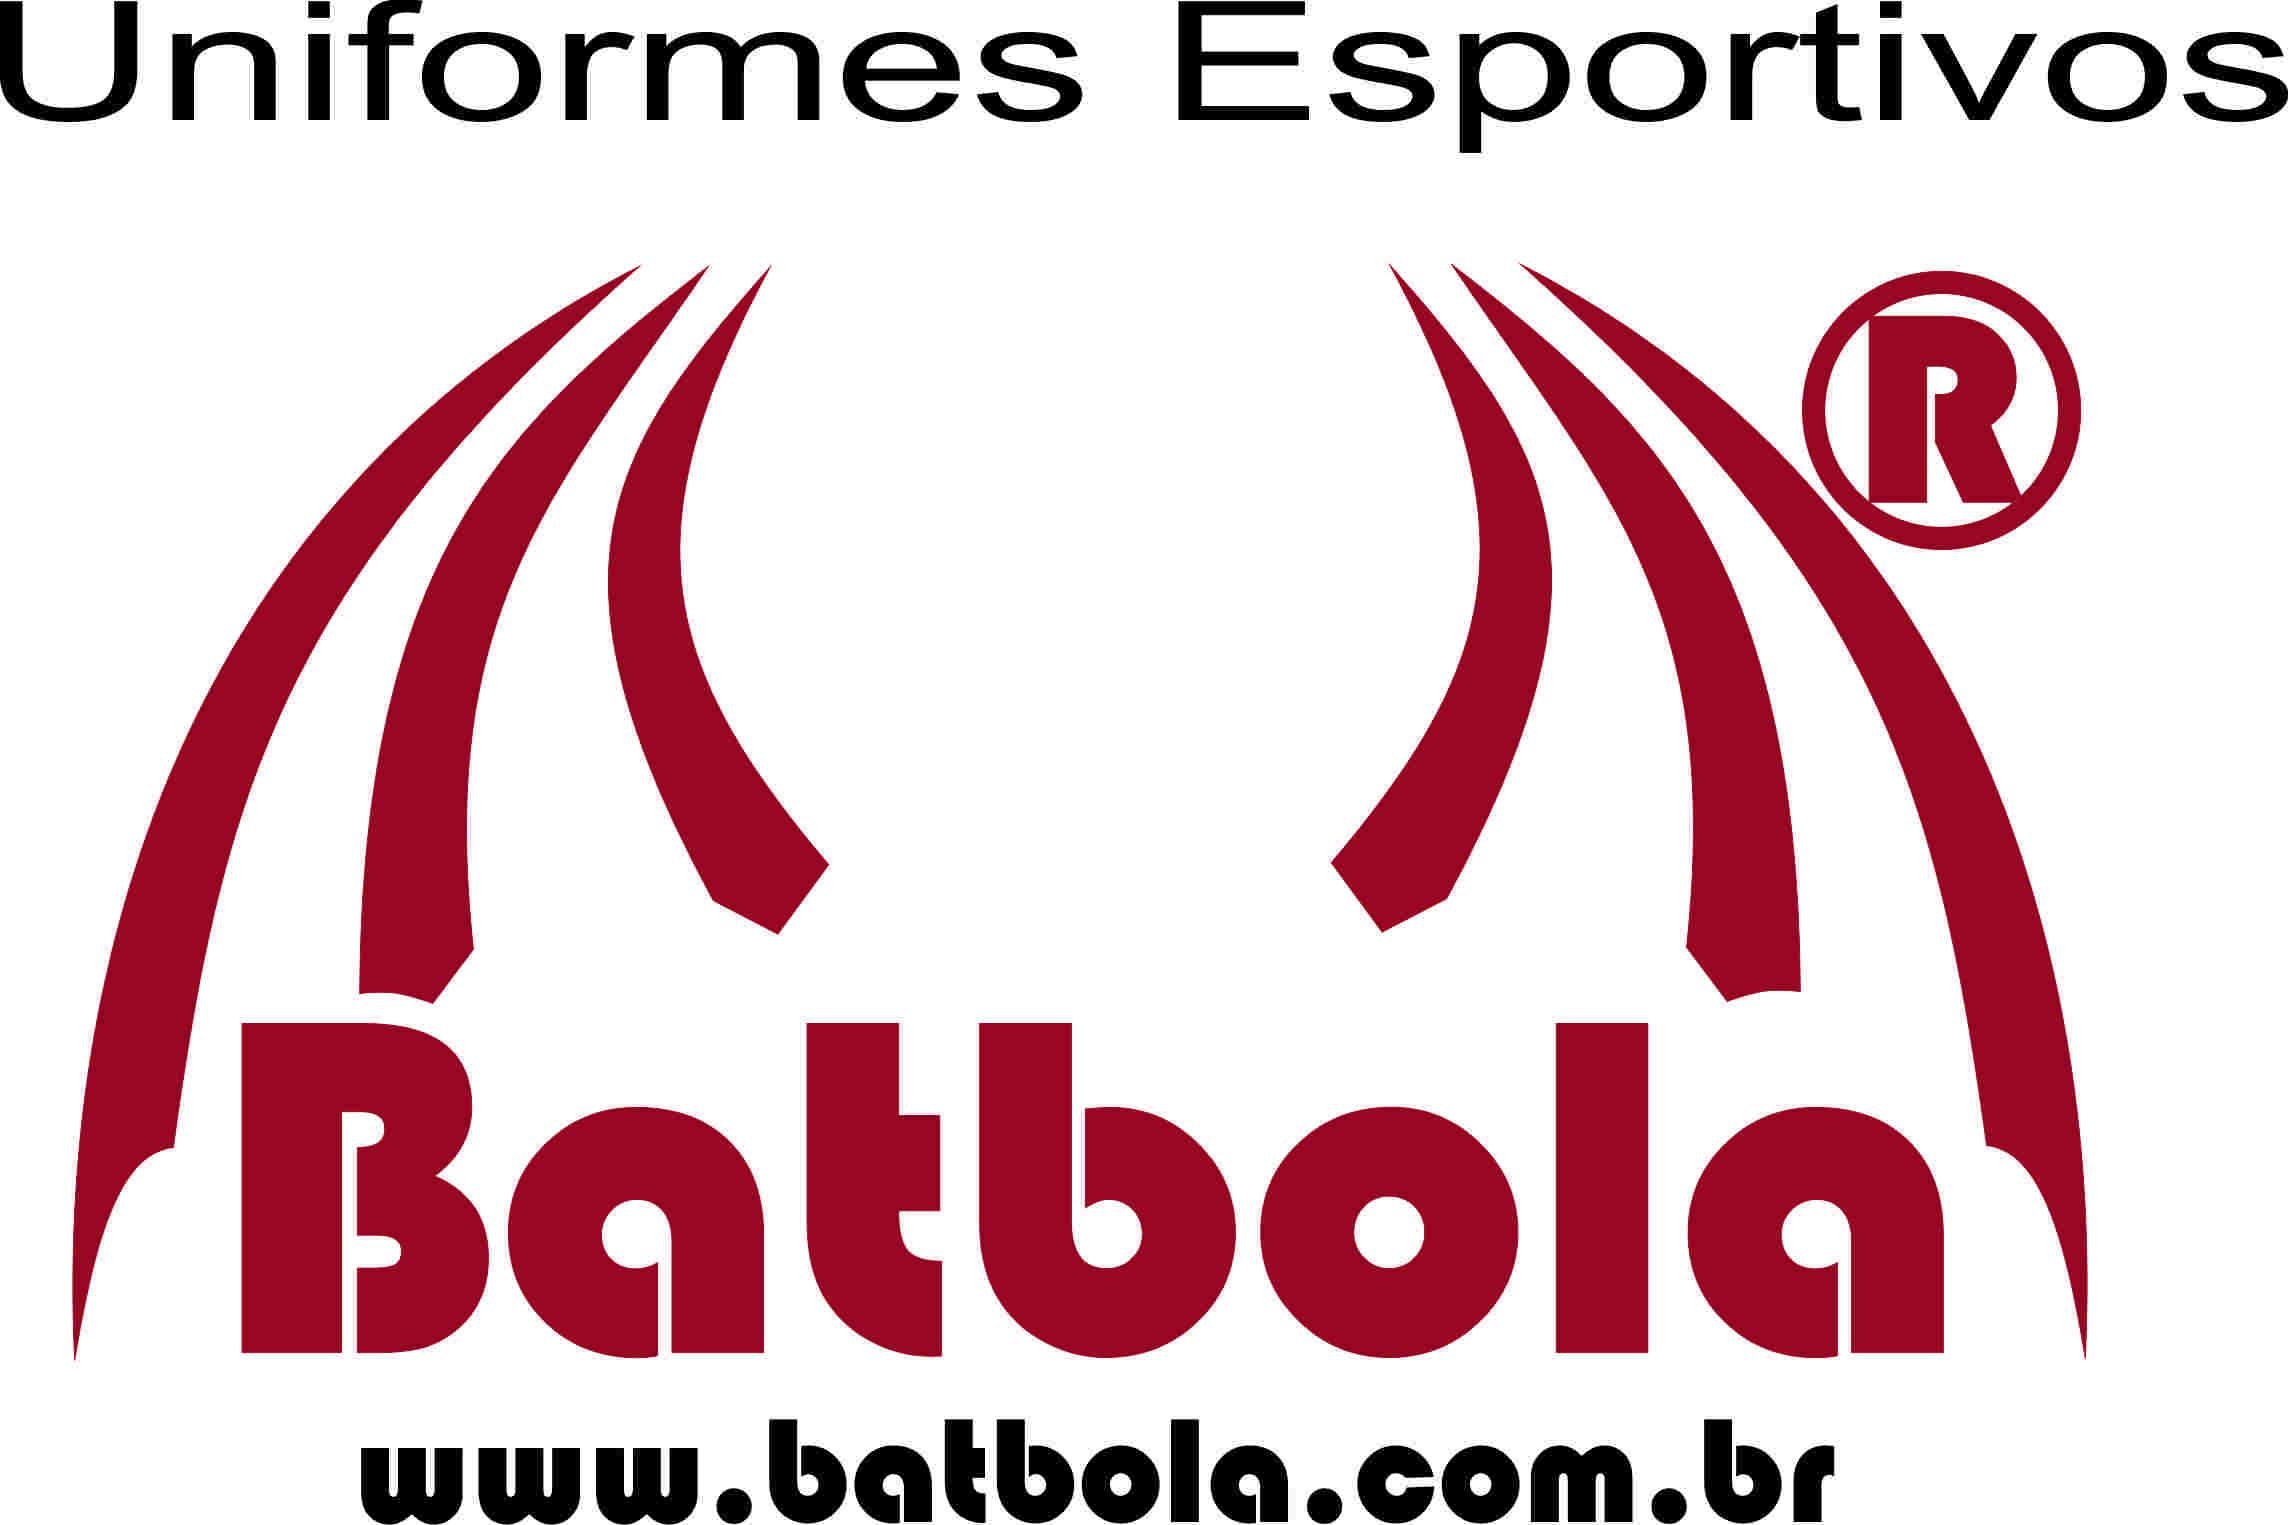 batbola